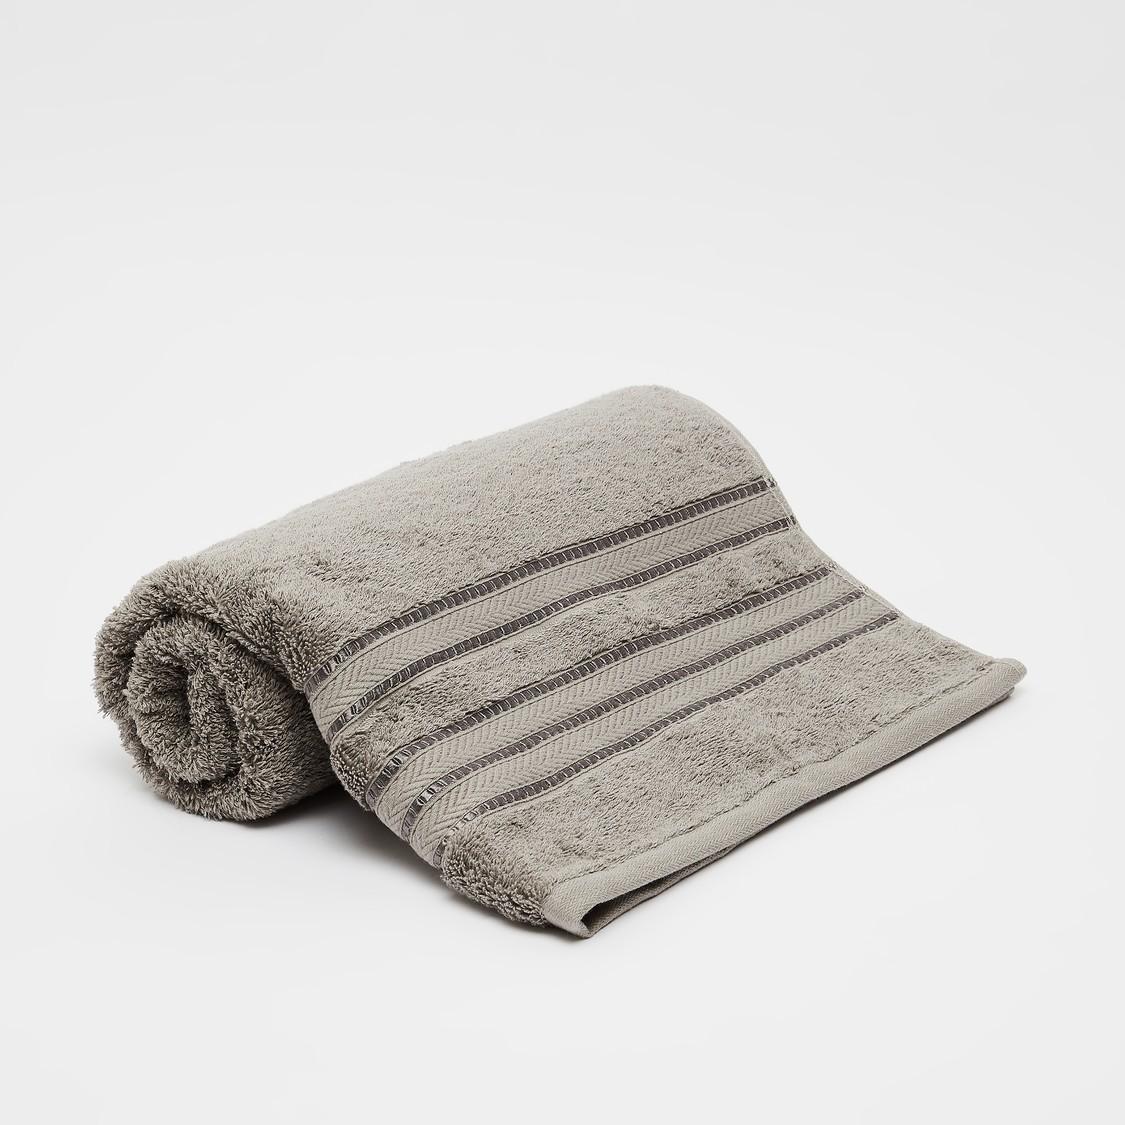 منشفة حمّام كبيرة بارزة الملمس من القطن المصري - 150x90 سم